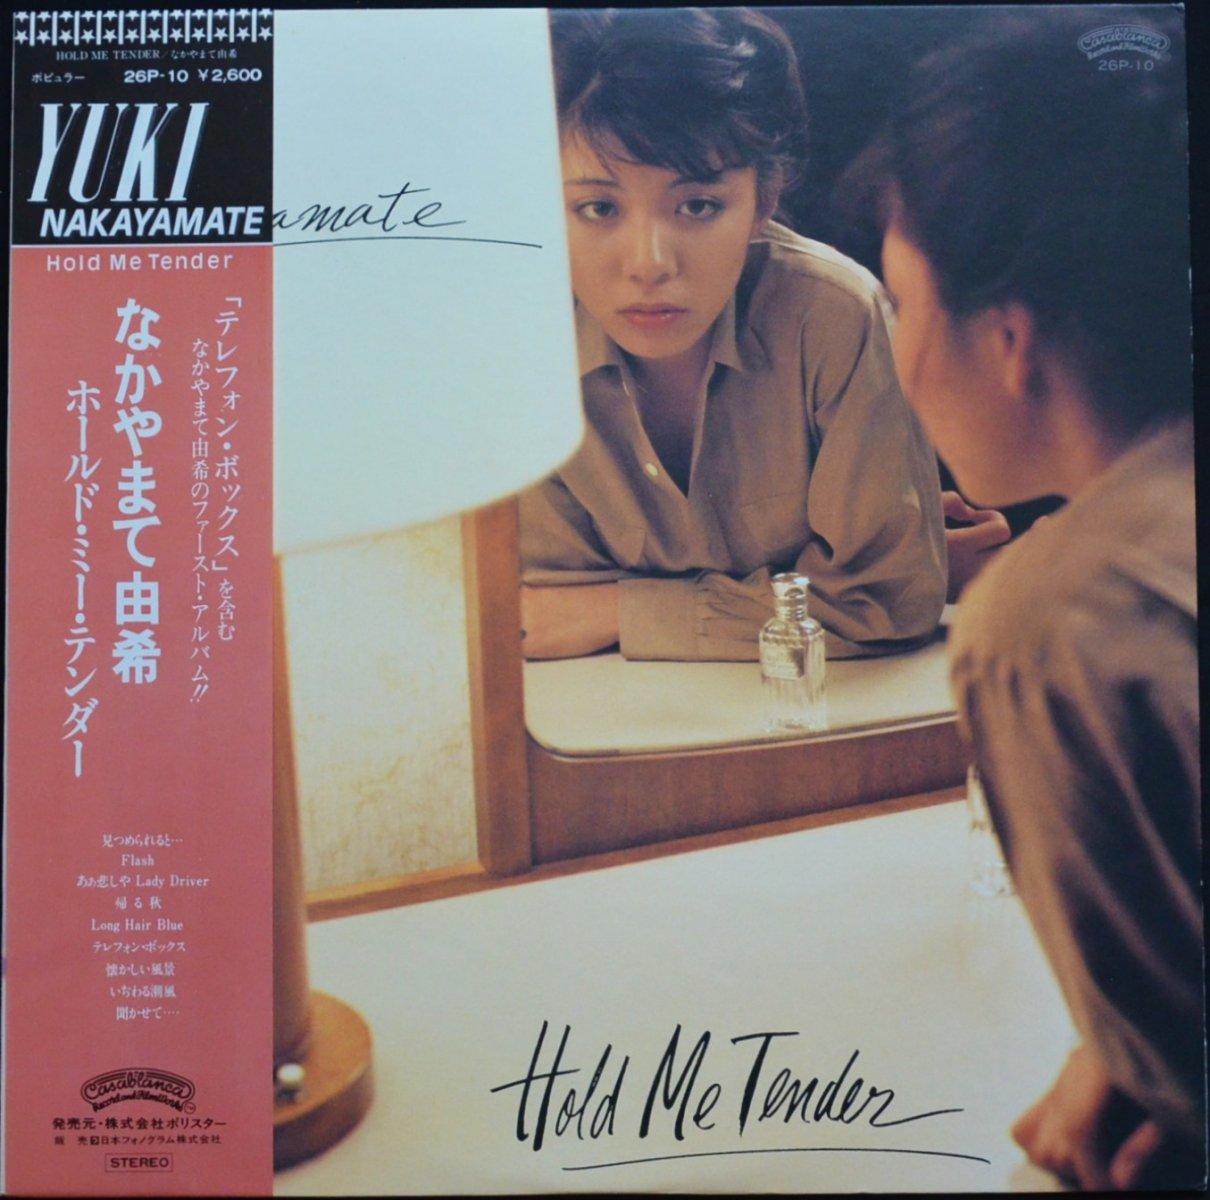 なかやまて由希 YUKI NAKAYAMATE / ホールド・ミー・テンダー HOLD ME TENDER (LP)